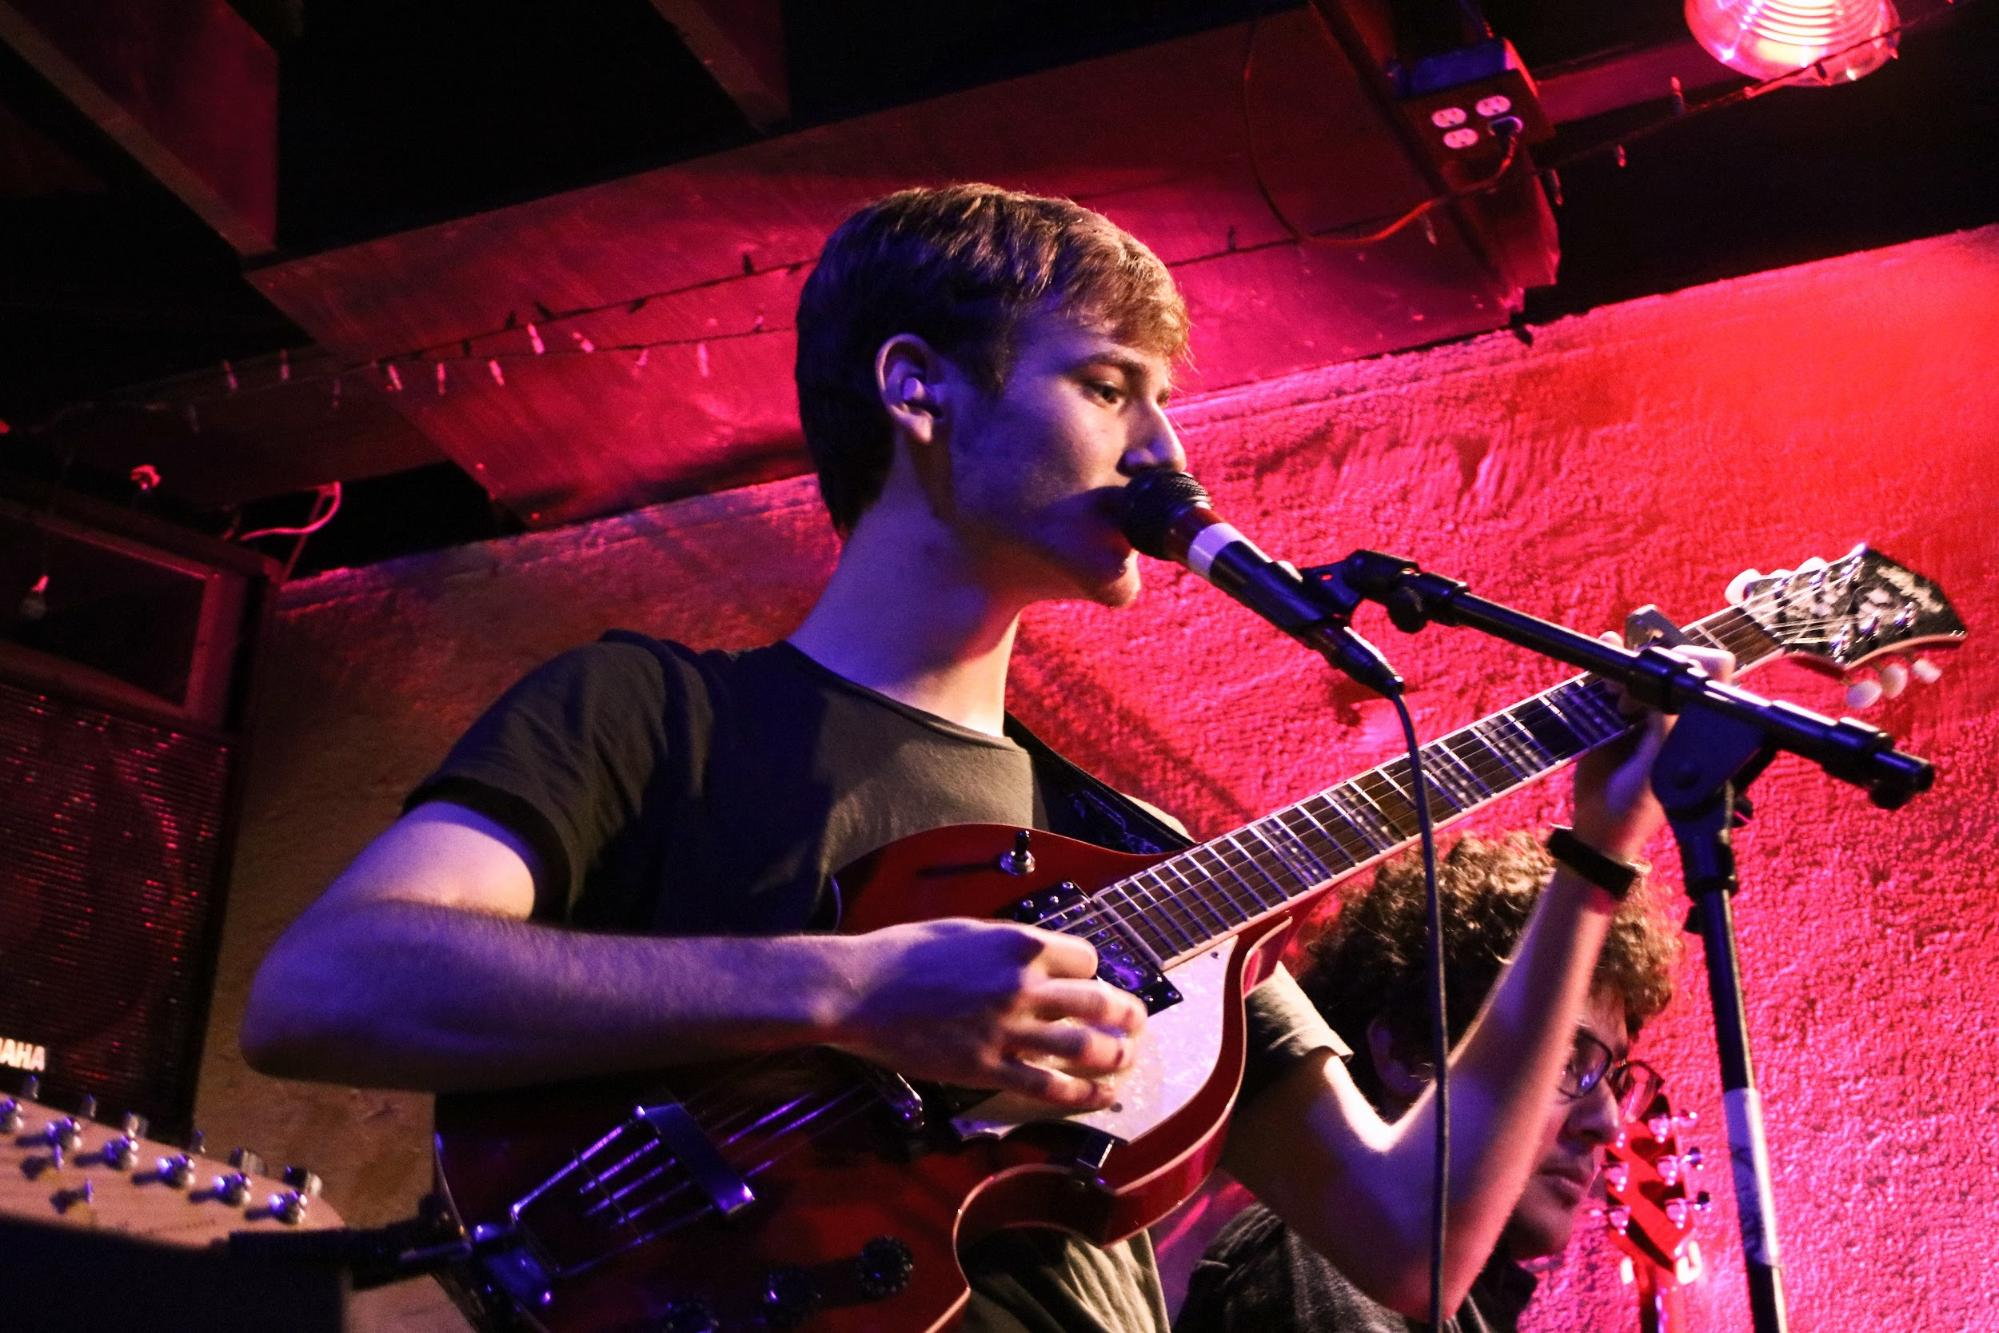 Guitarist and singer Andrés Garcia